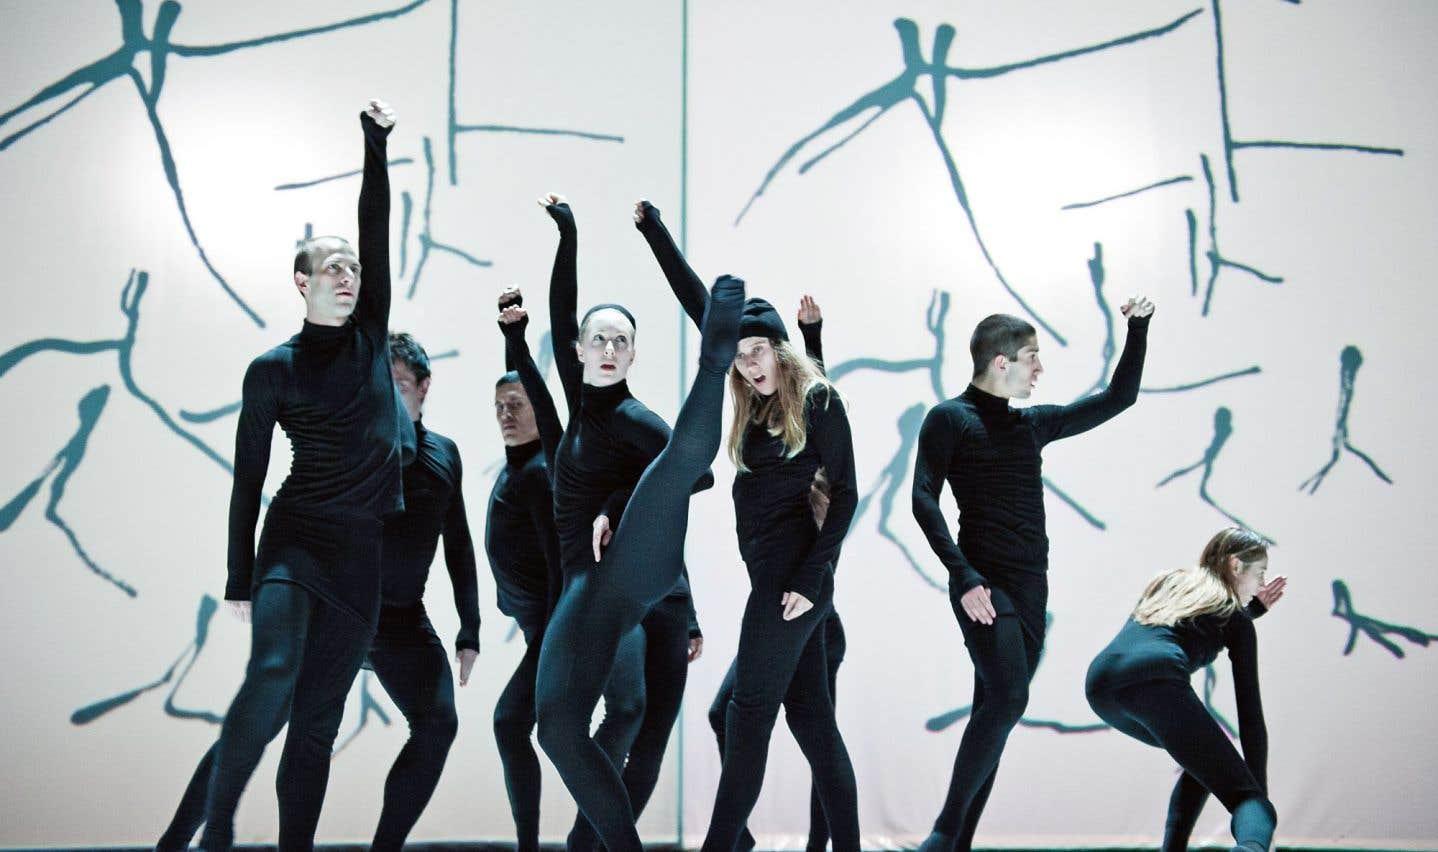 La compagnie Marie Chouinard au Festival des arts de Saint-Sauveur l'an dernier